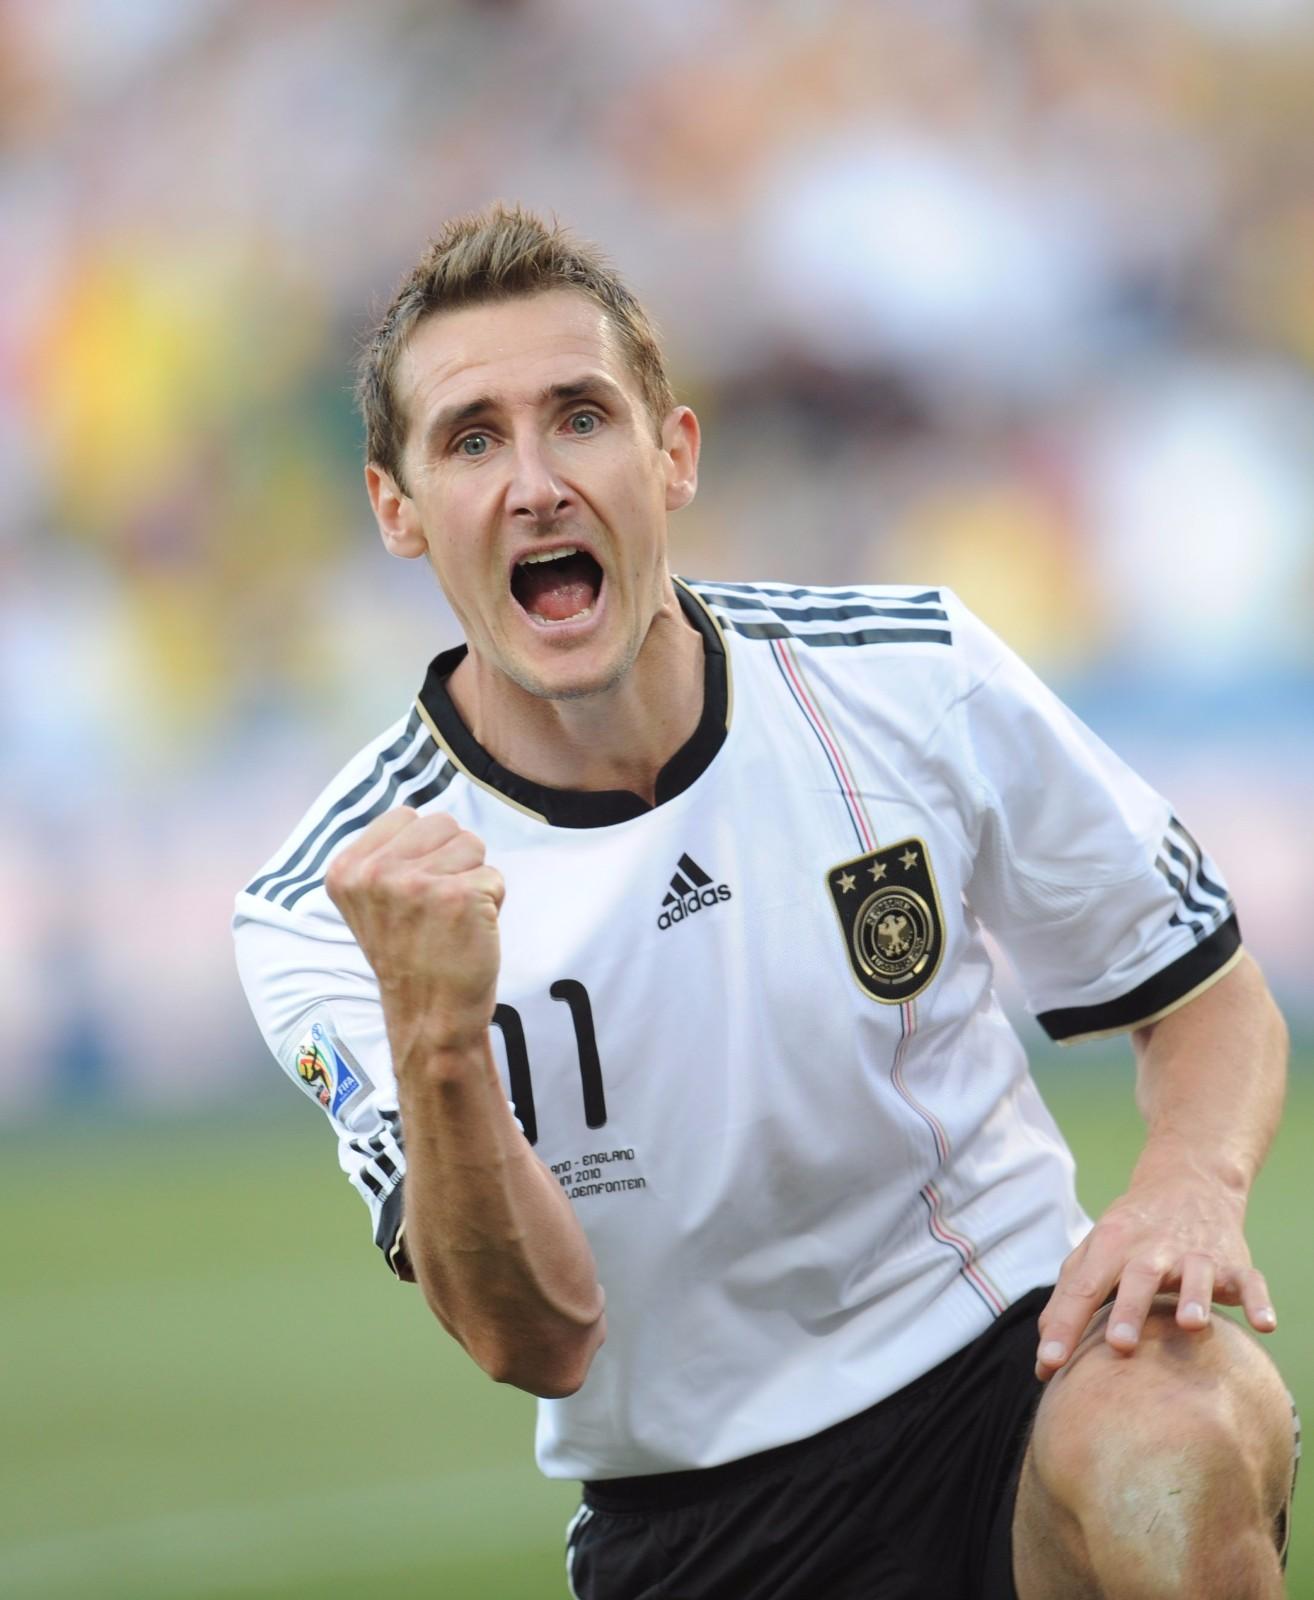 图为2010年6月27日,在布隆方丹举行的2010年南非世界杯八分之一决赛中,德国队球员克洛泽庆祝进球。